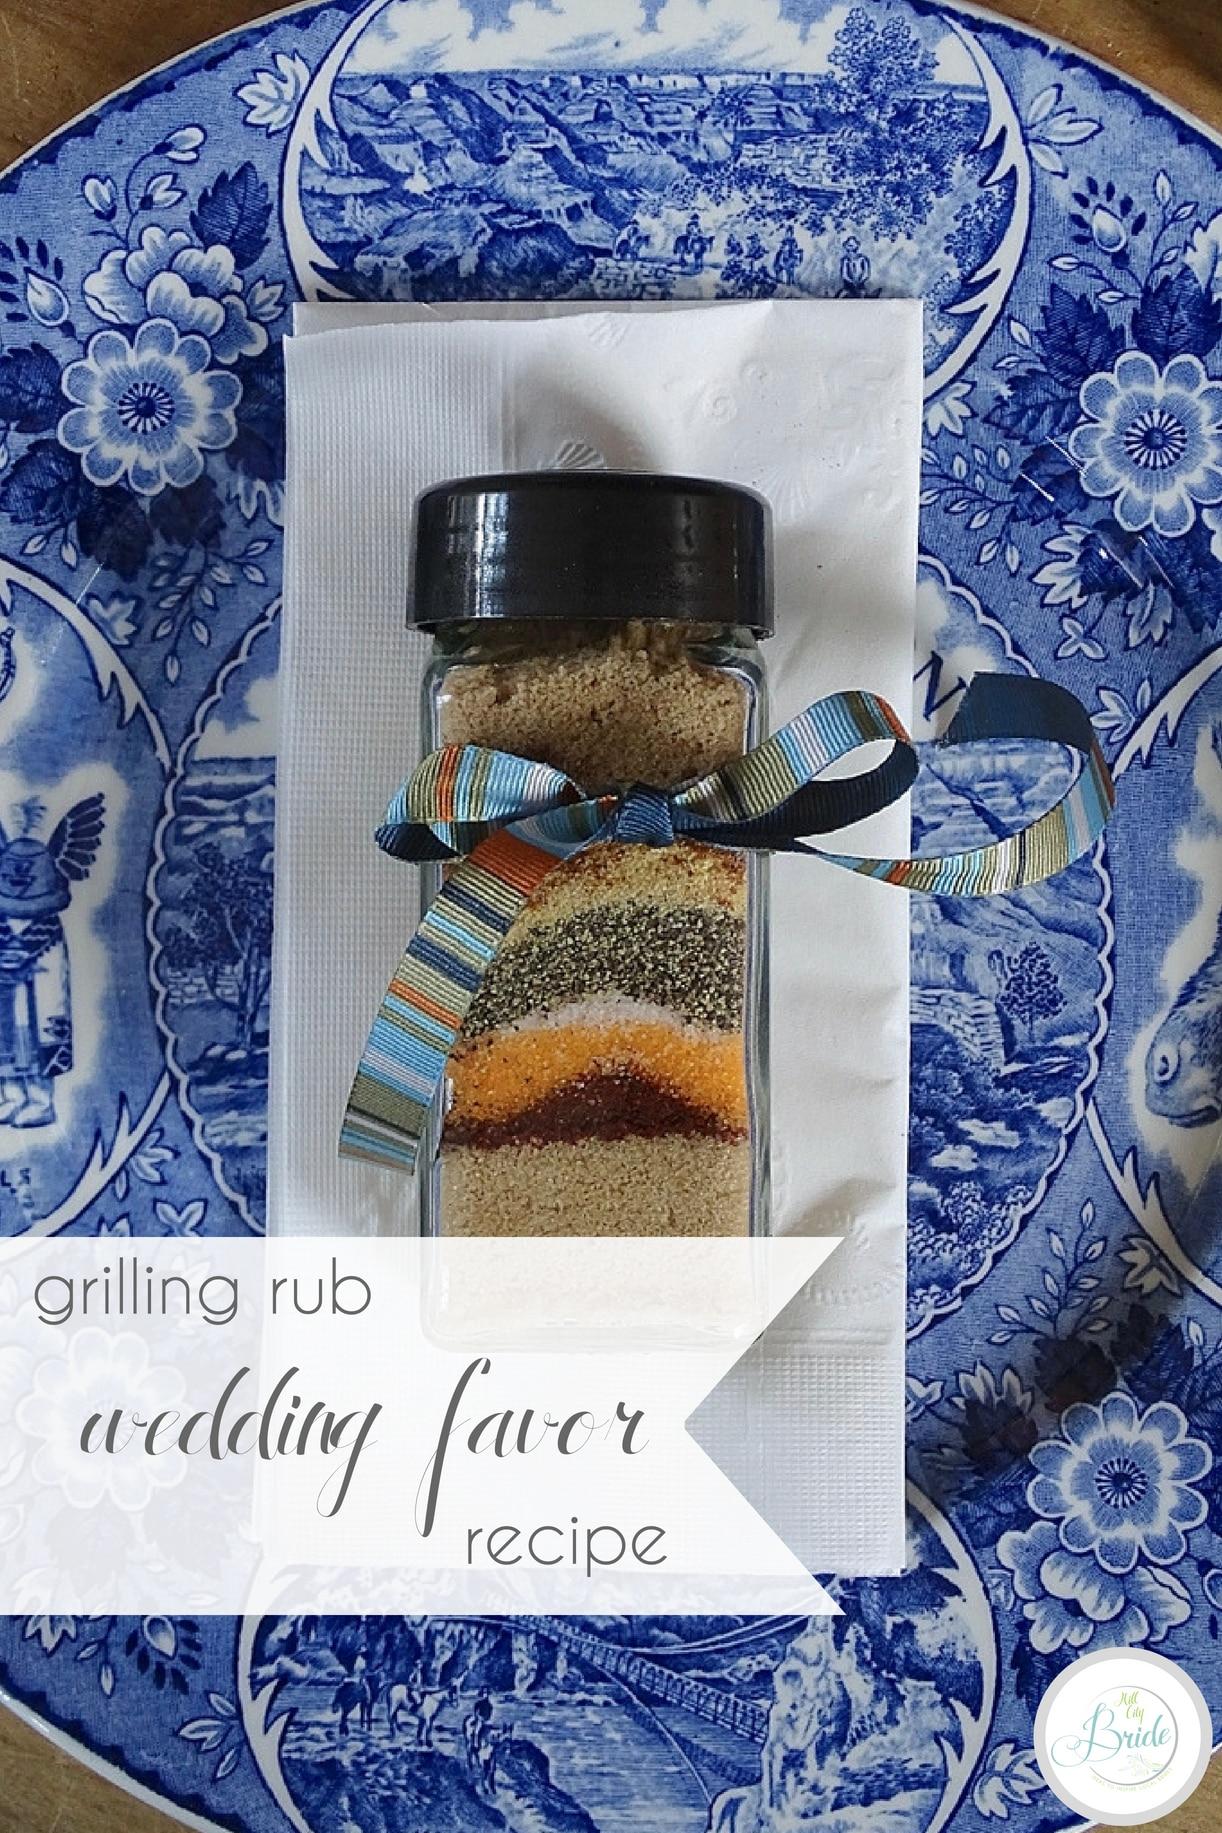 Grilling Rub Recipe Wedding Favor | Hill City Bride Wedding Blog | Father